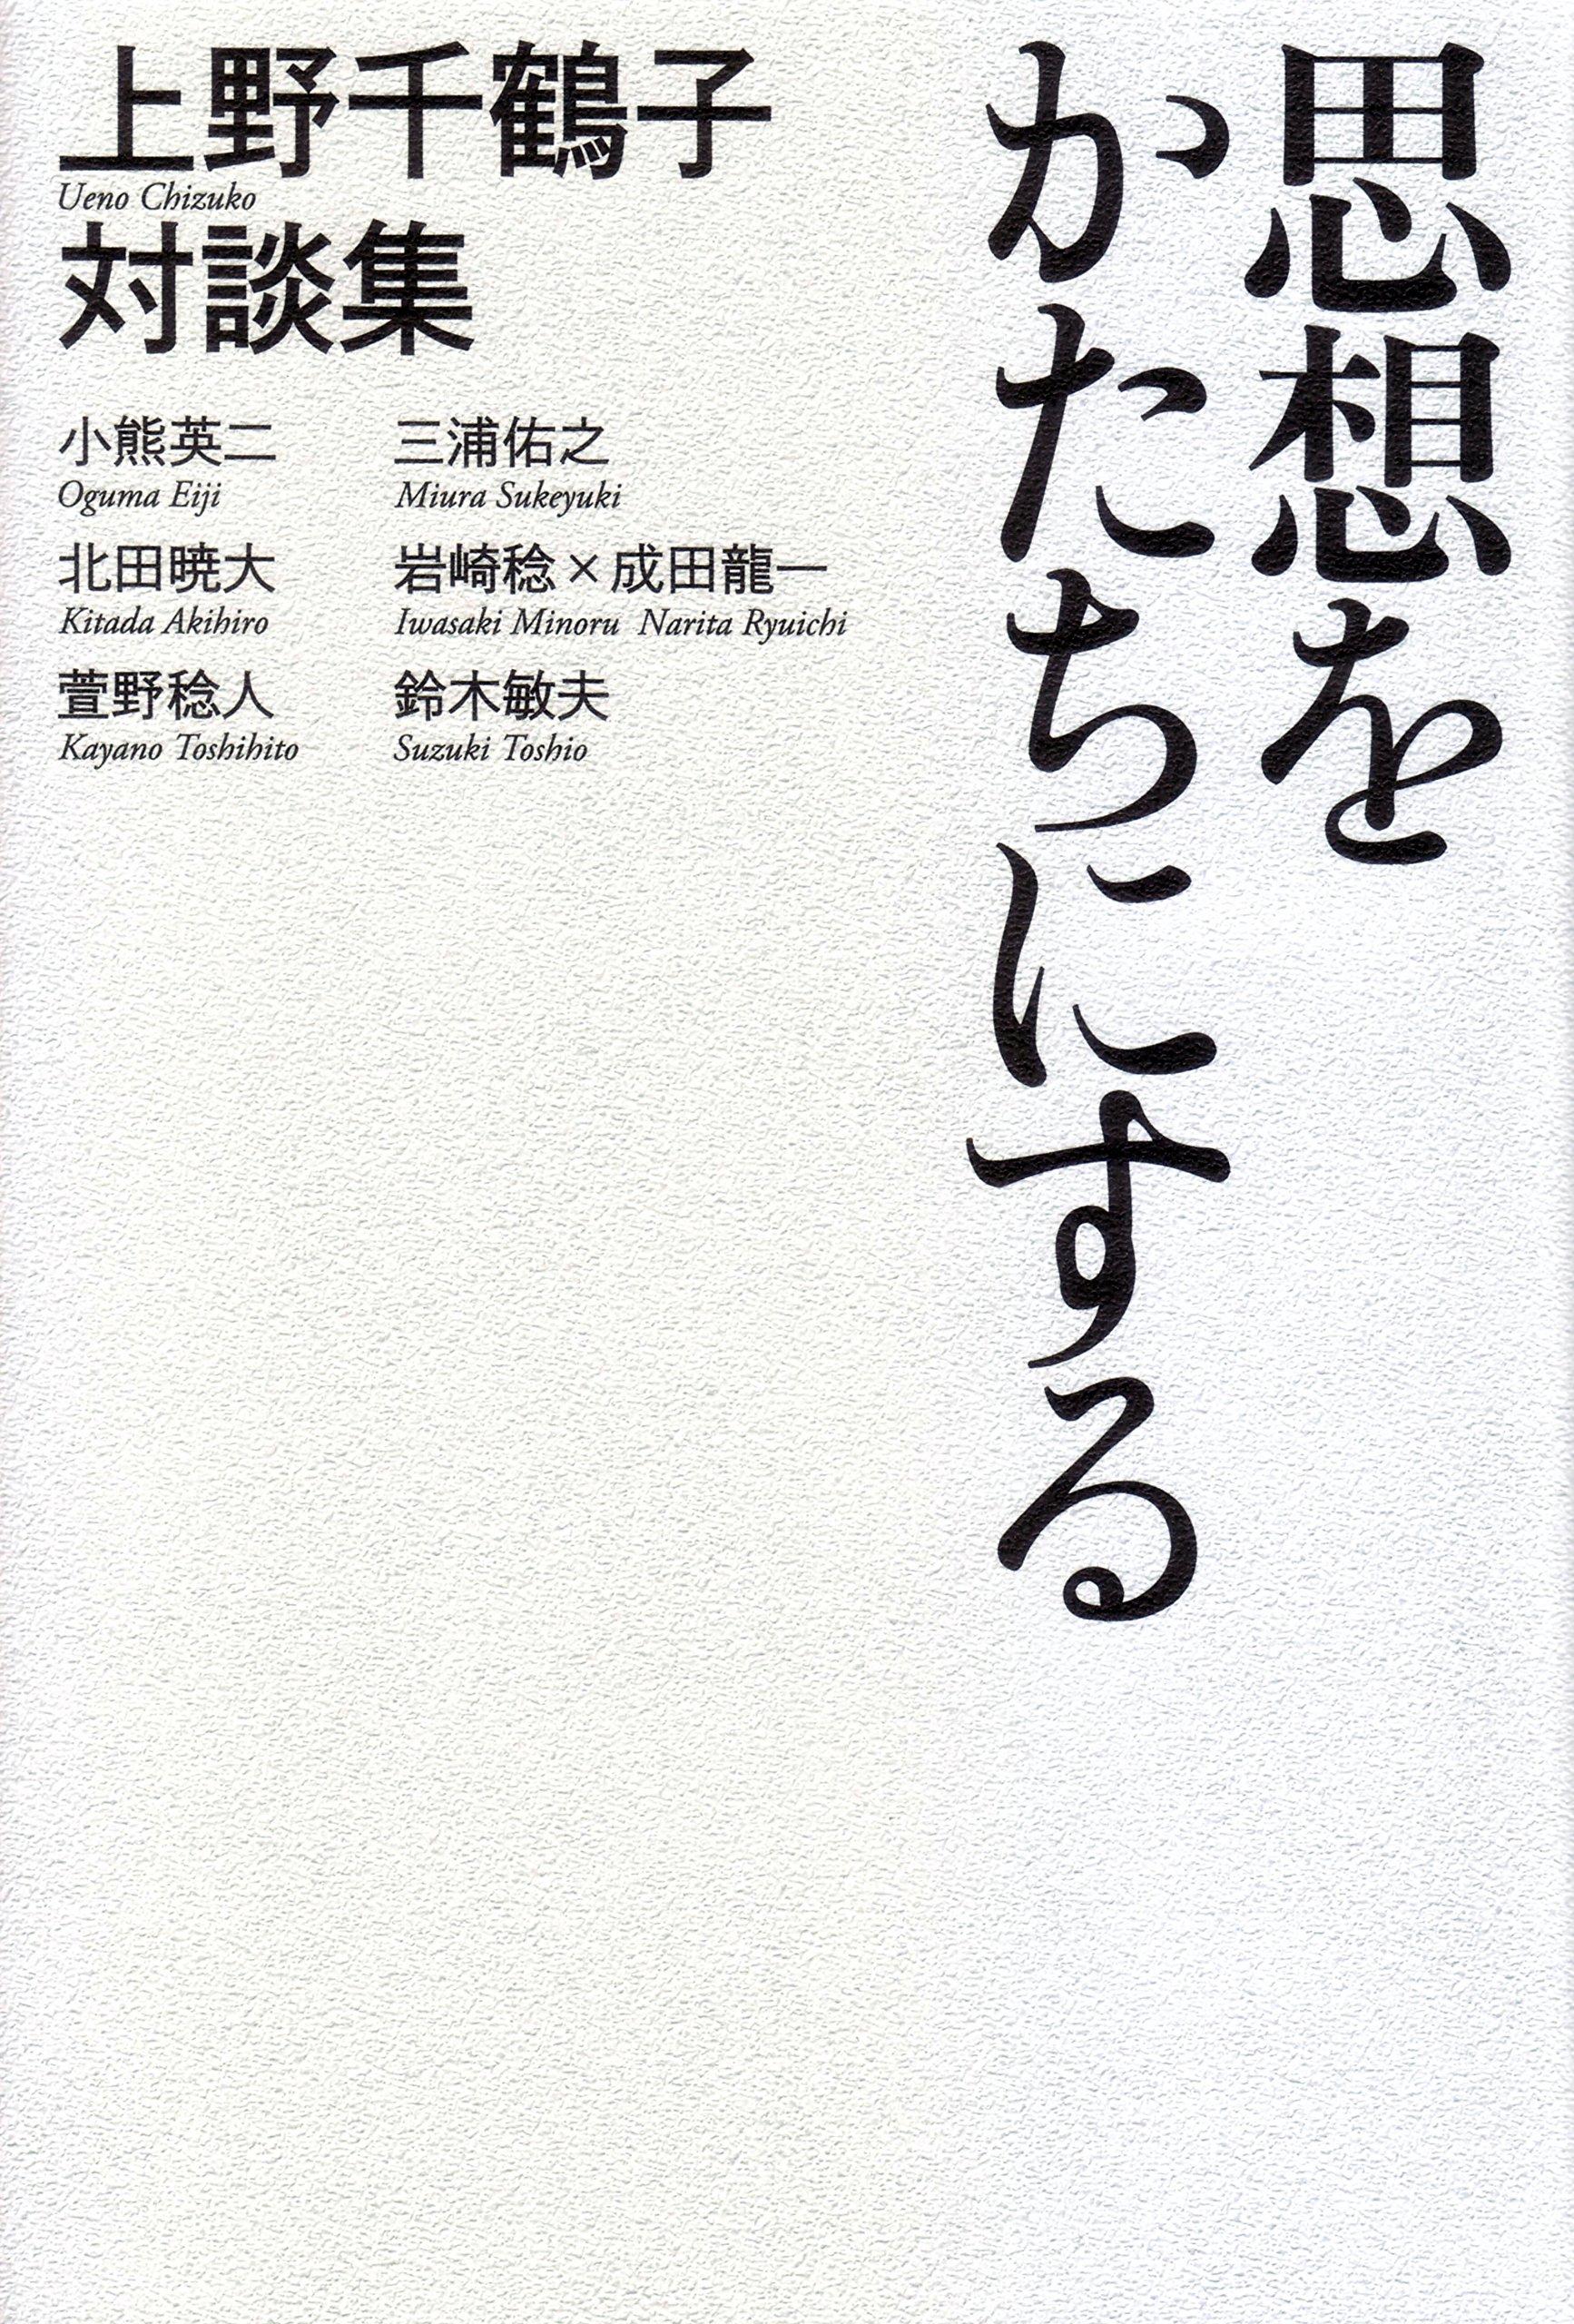 『思想をかたちにする 上野千鶴子対談集』書影